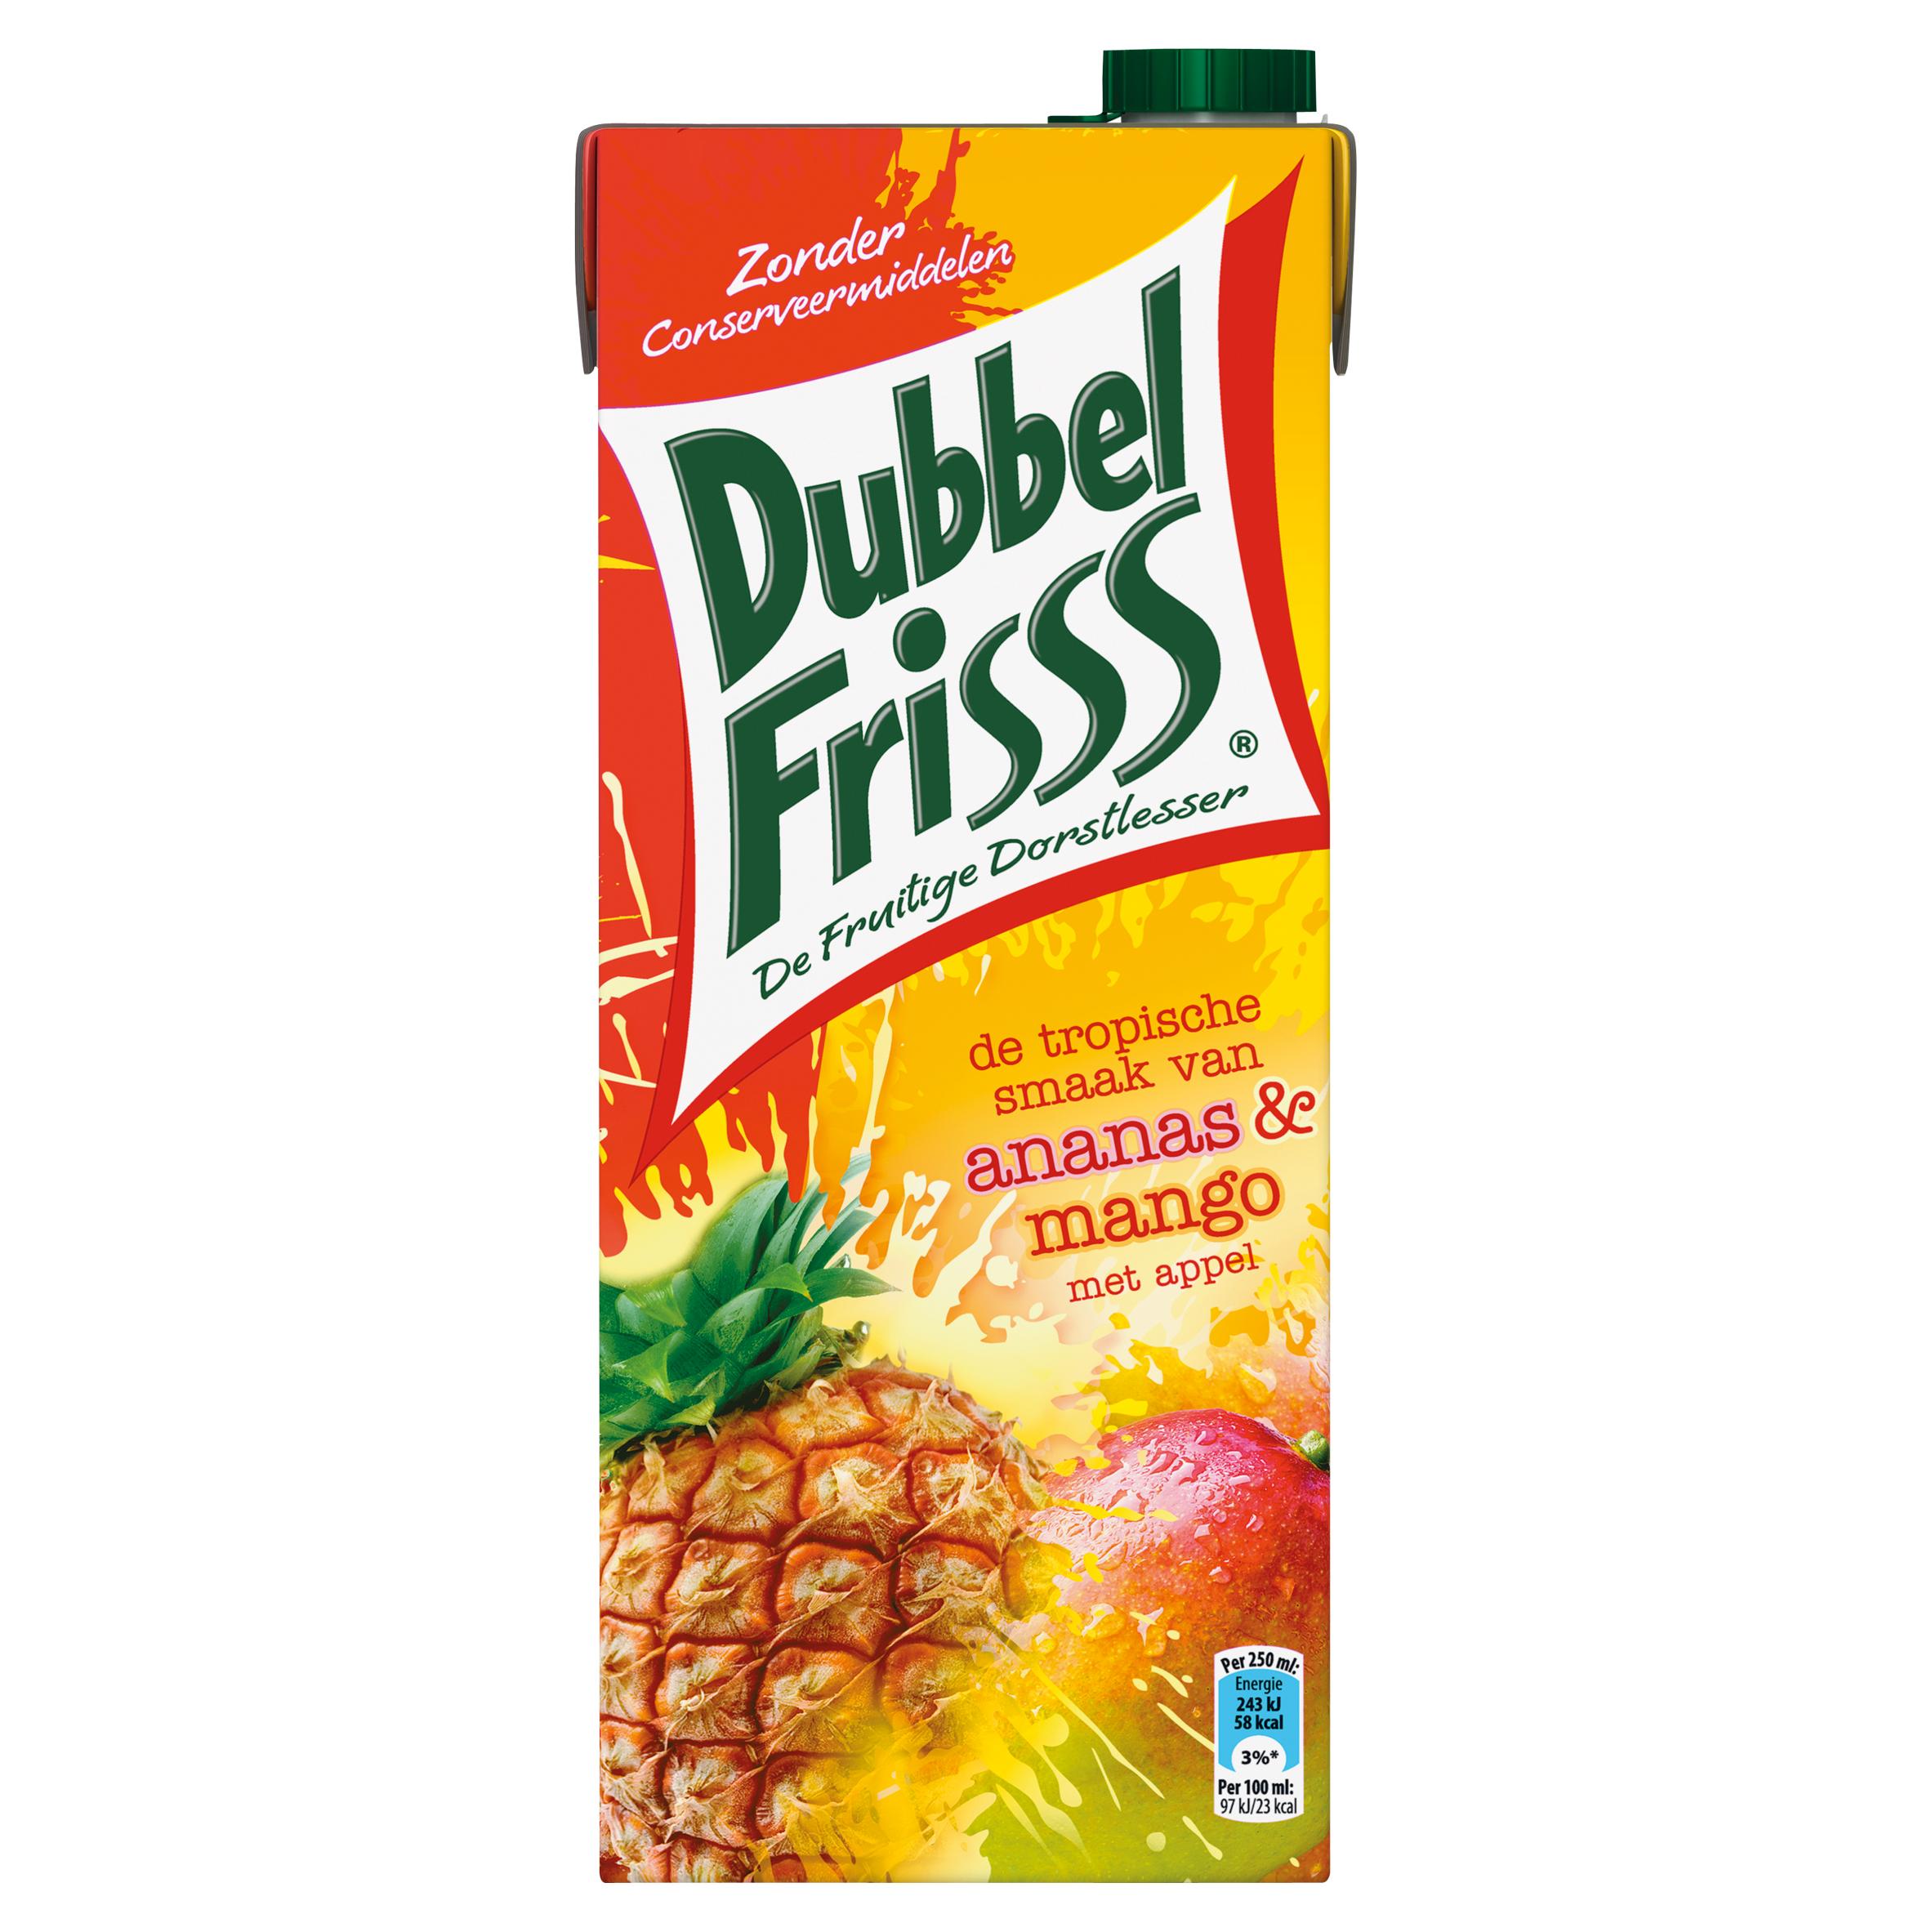 DubbelFrisss Ananas & Mango met Appel 1,5 L